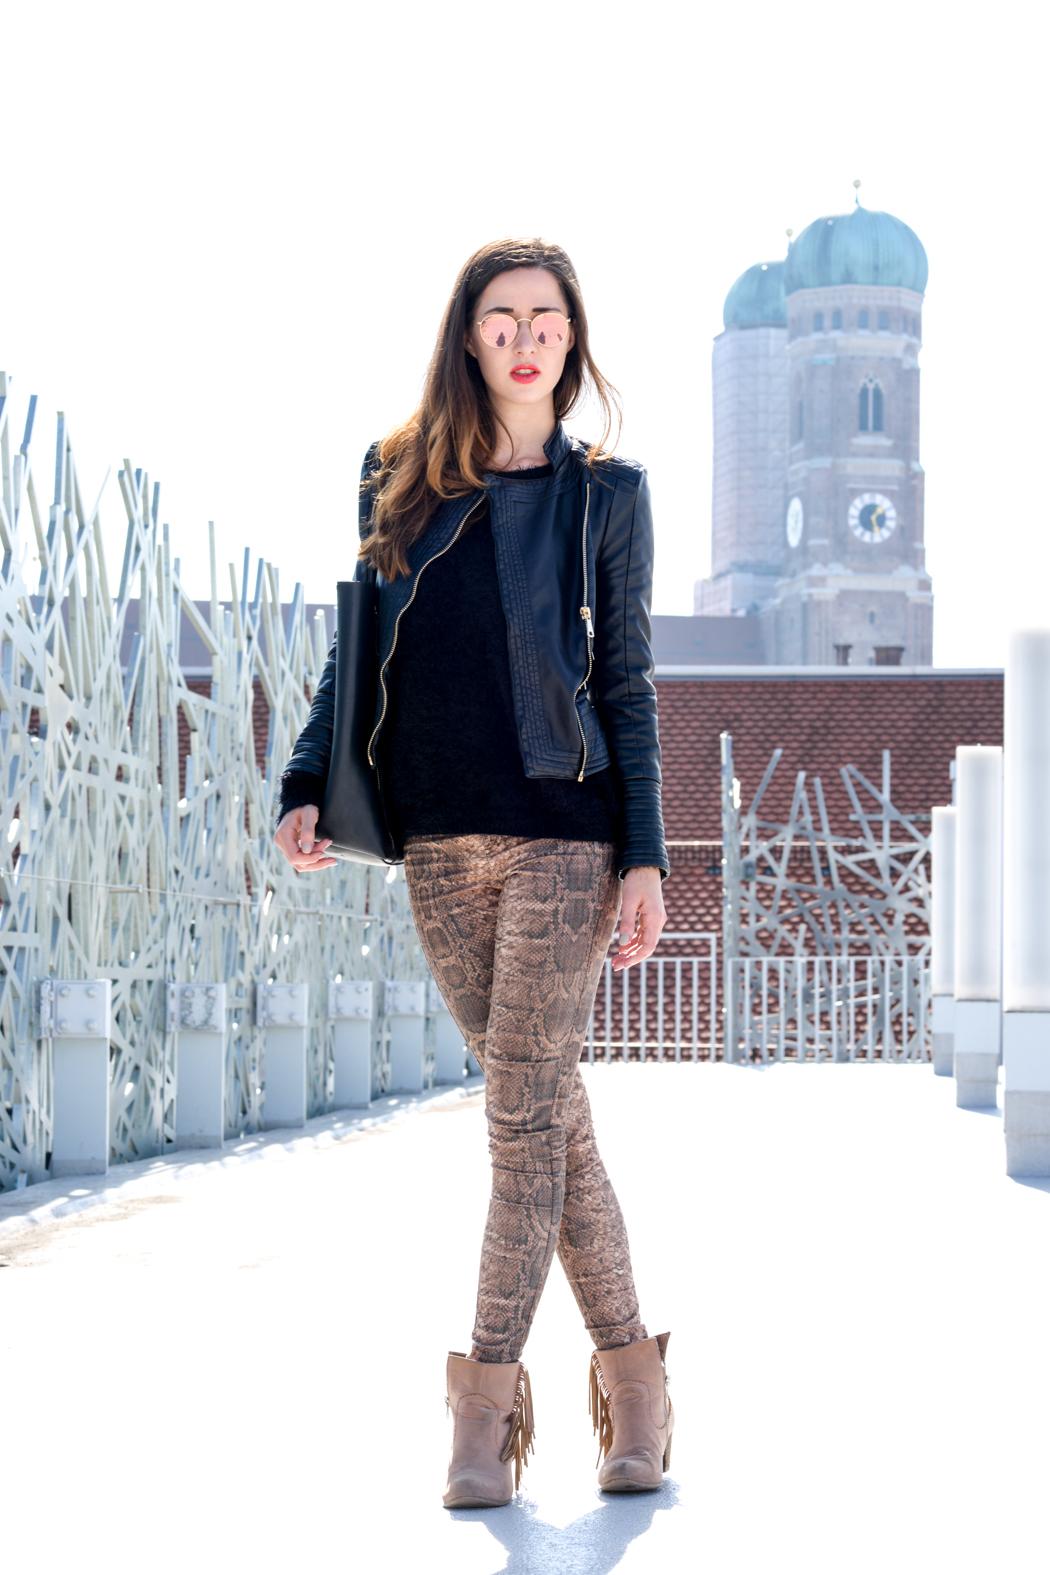 Schlangenpring-Leggins-Zara-Teddypulli-Nixon-Watch-Fashionblogger-München-2